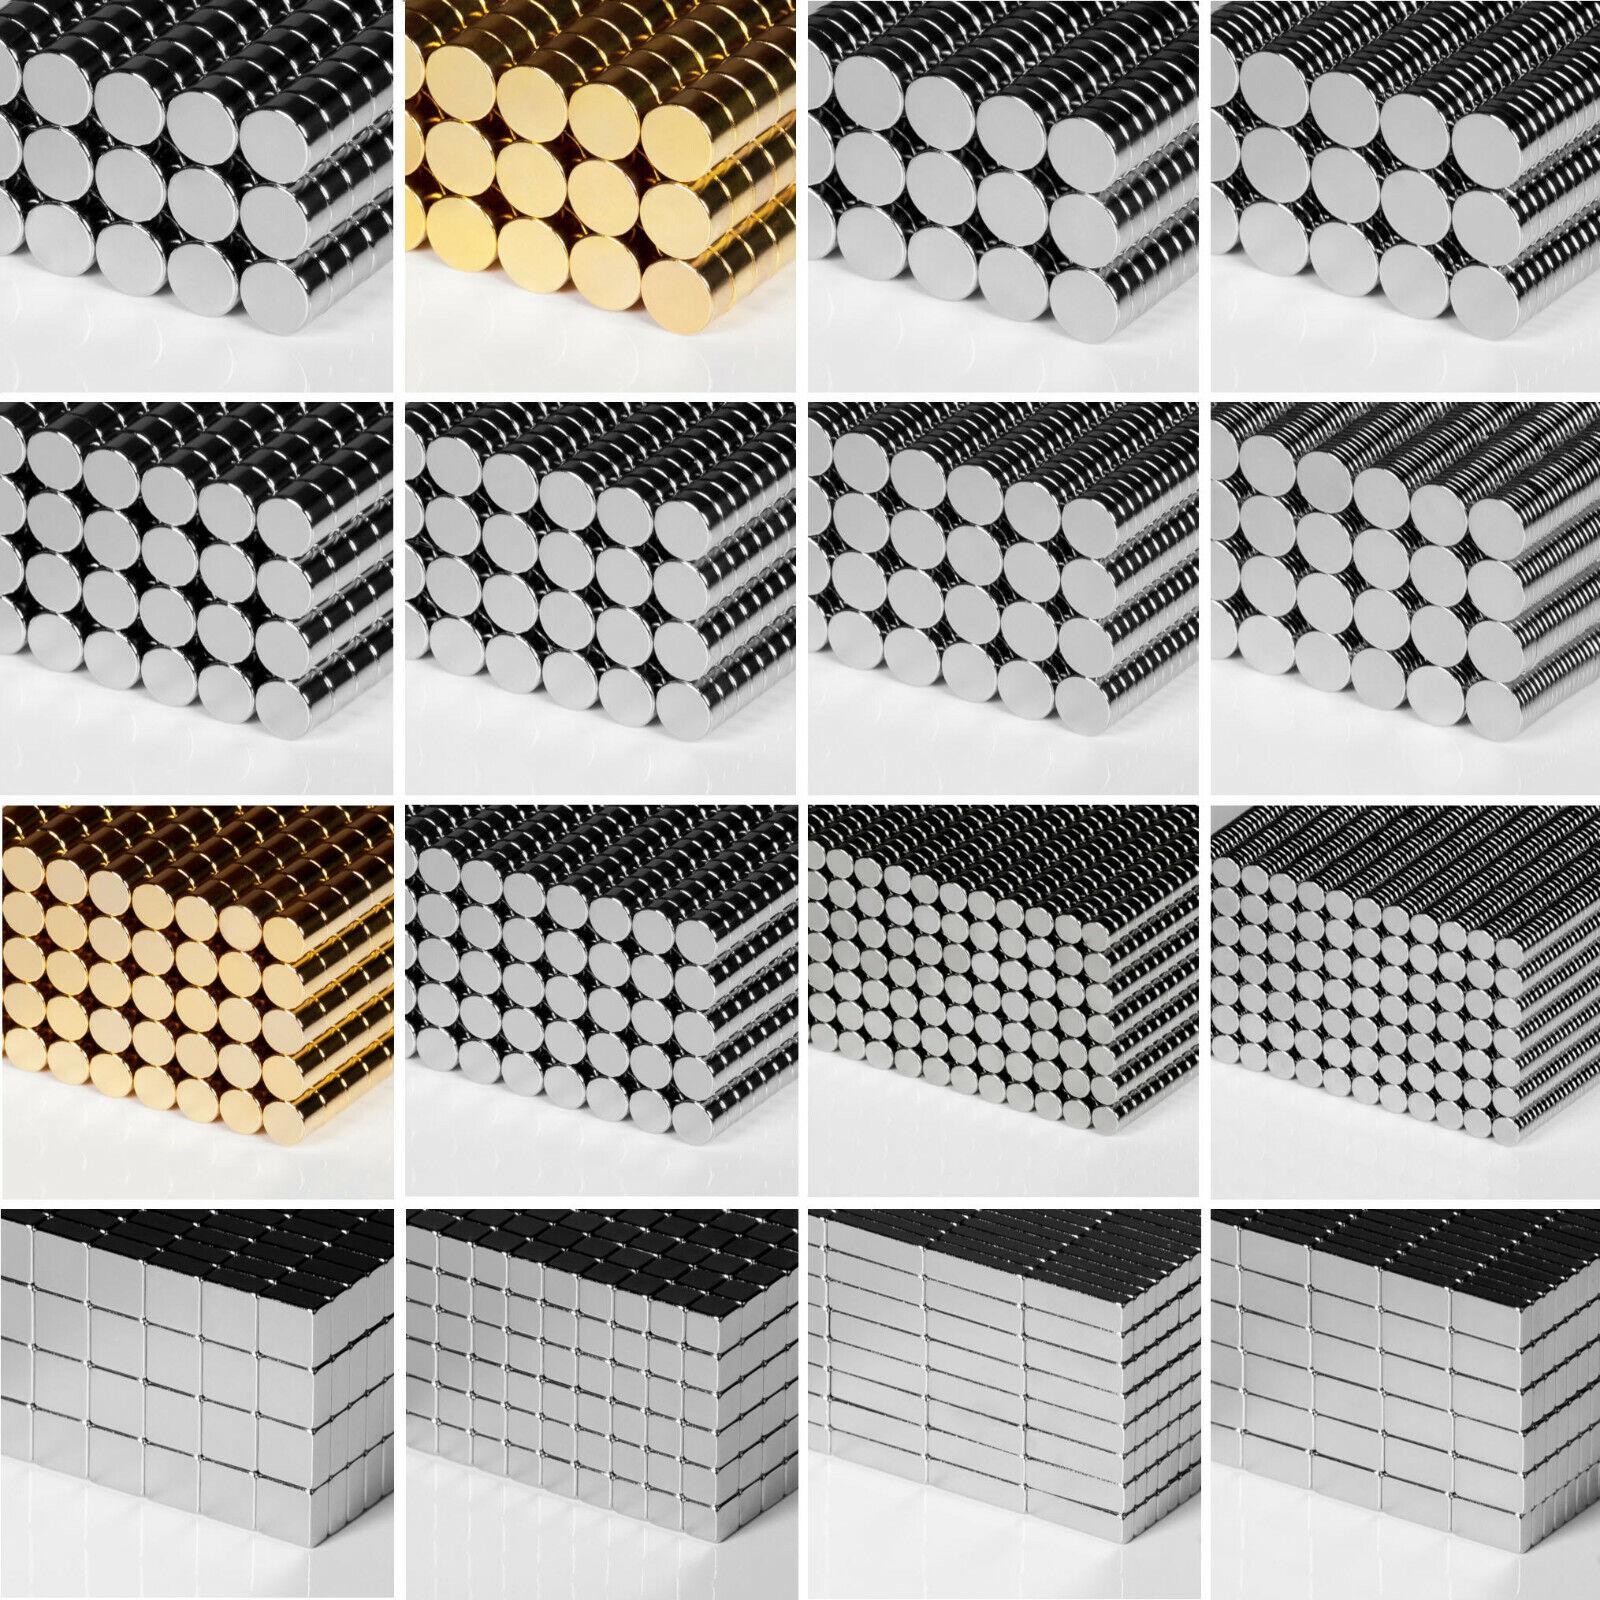 Neodym Magnete - Größe & Anzahl frei wählbar - jetzt zu super Ausverkaufspreisen